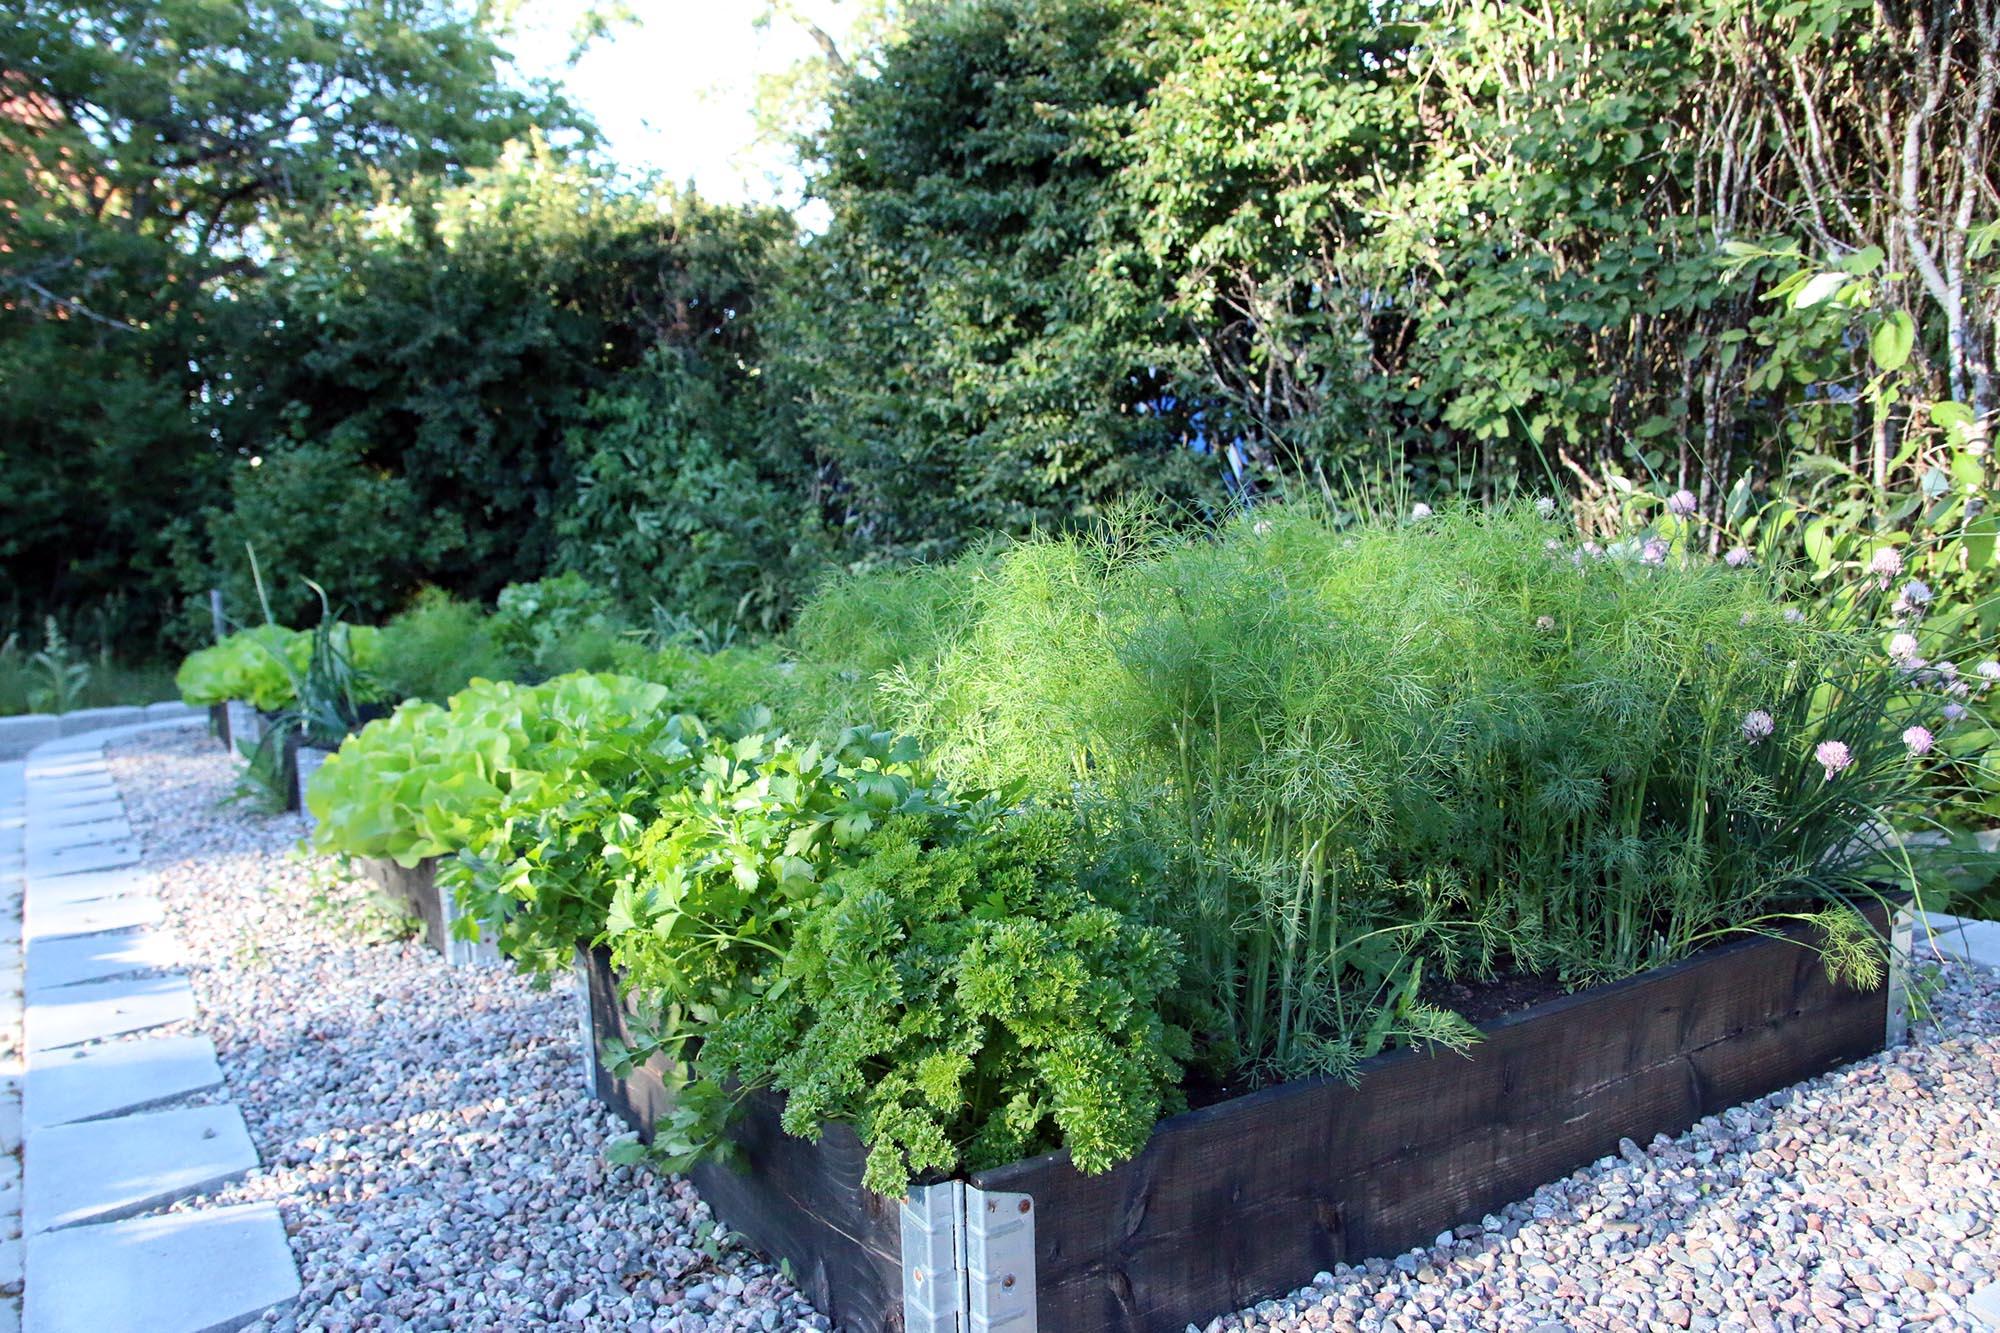 Köksträdgård, sålådor eller planteringsbäddar